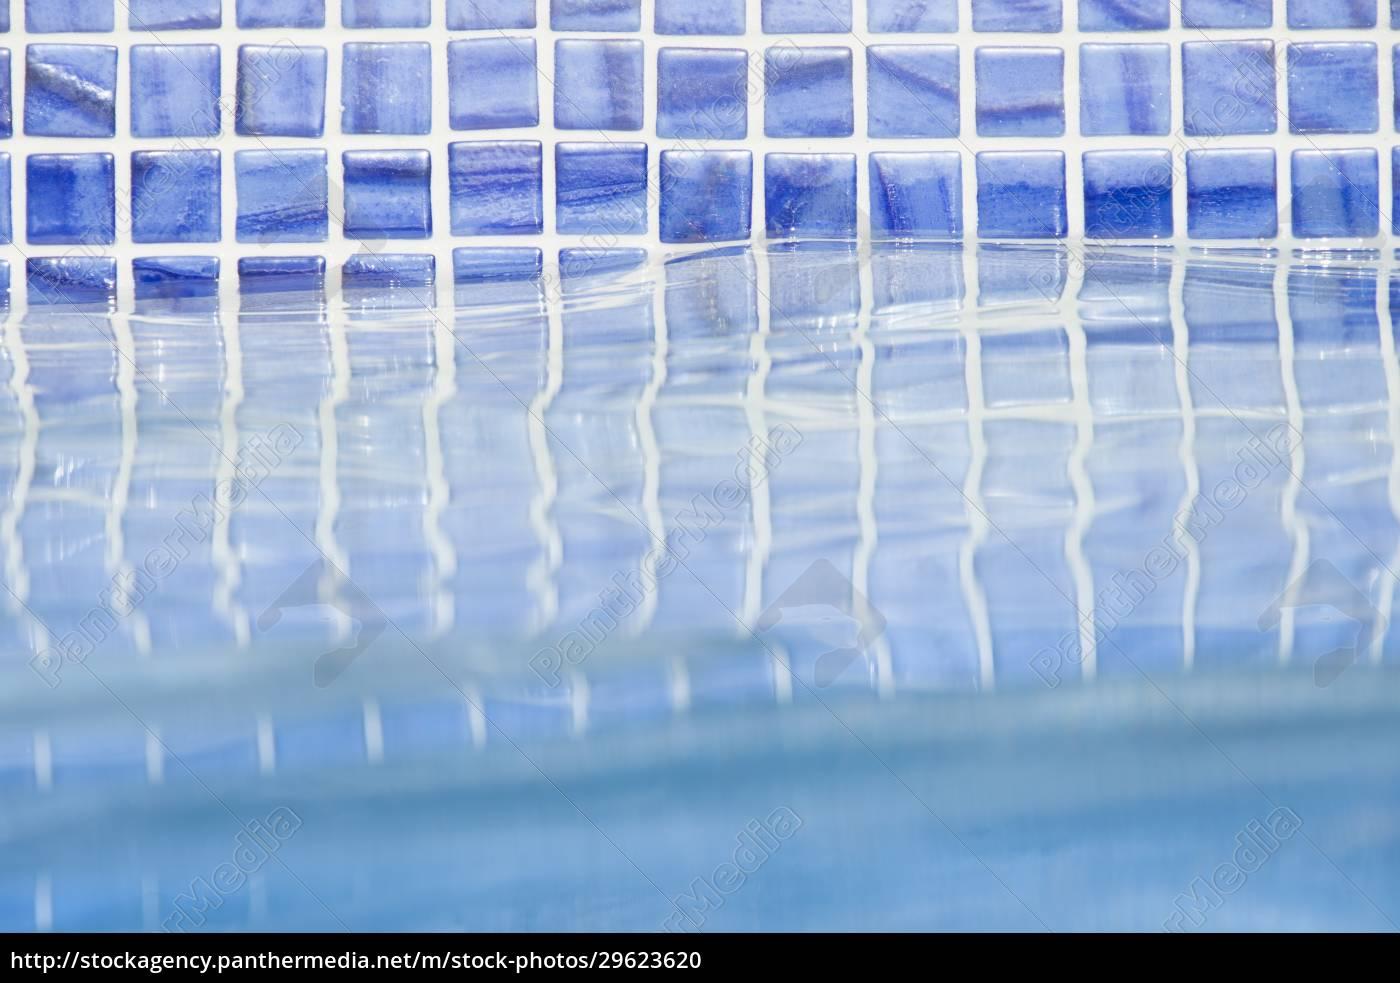 swimming, pool, detail - 29623620